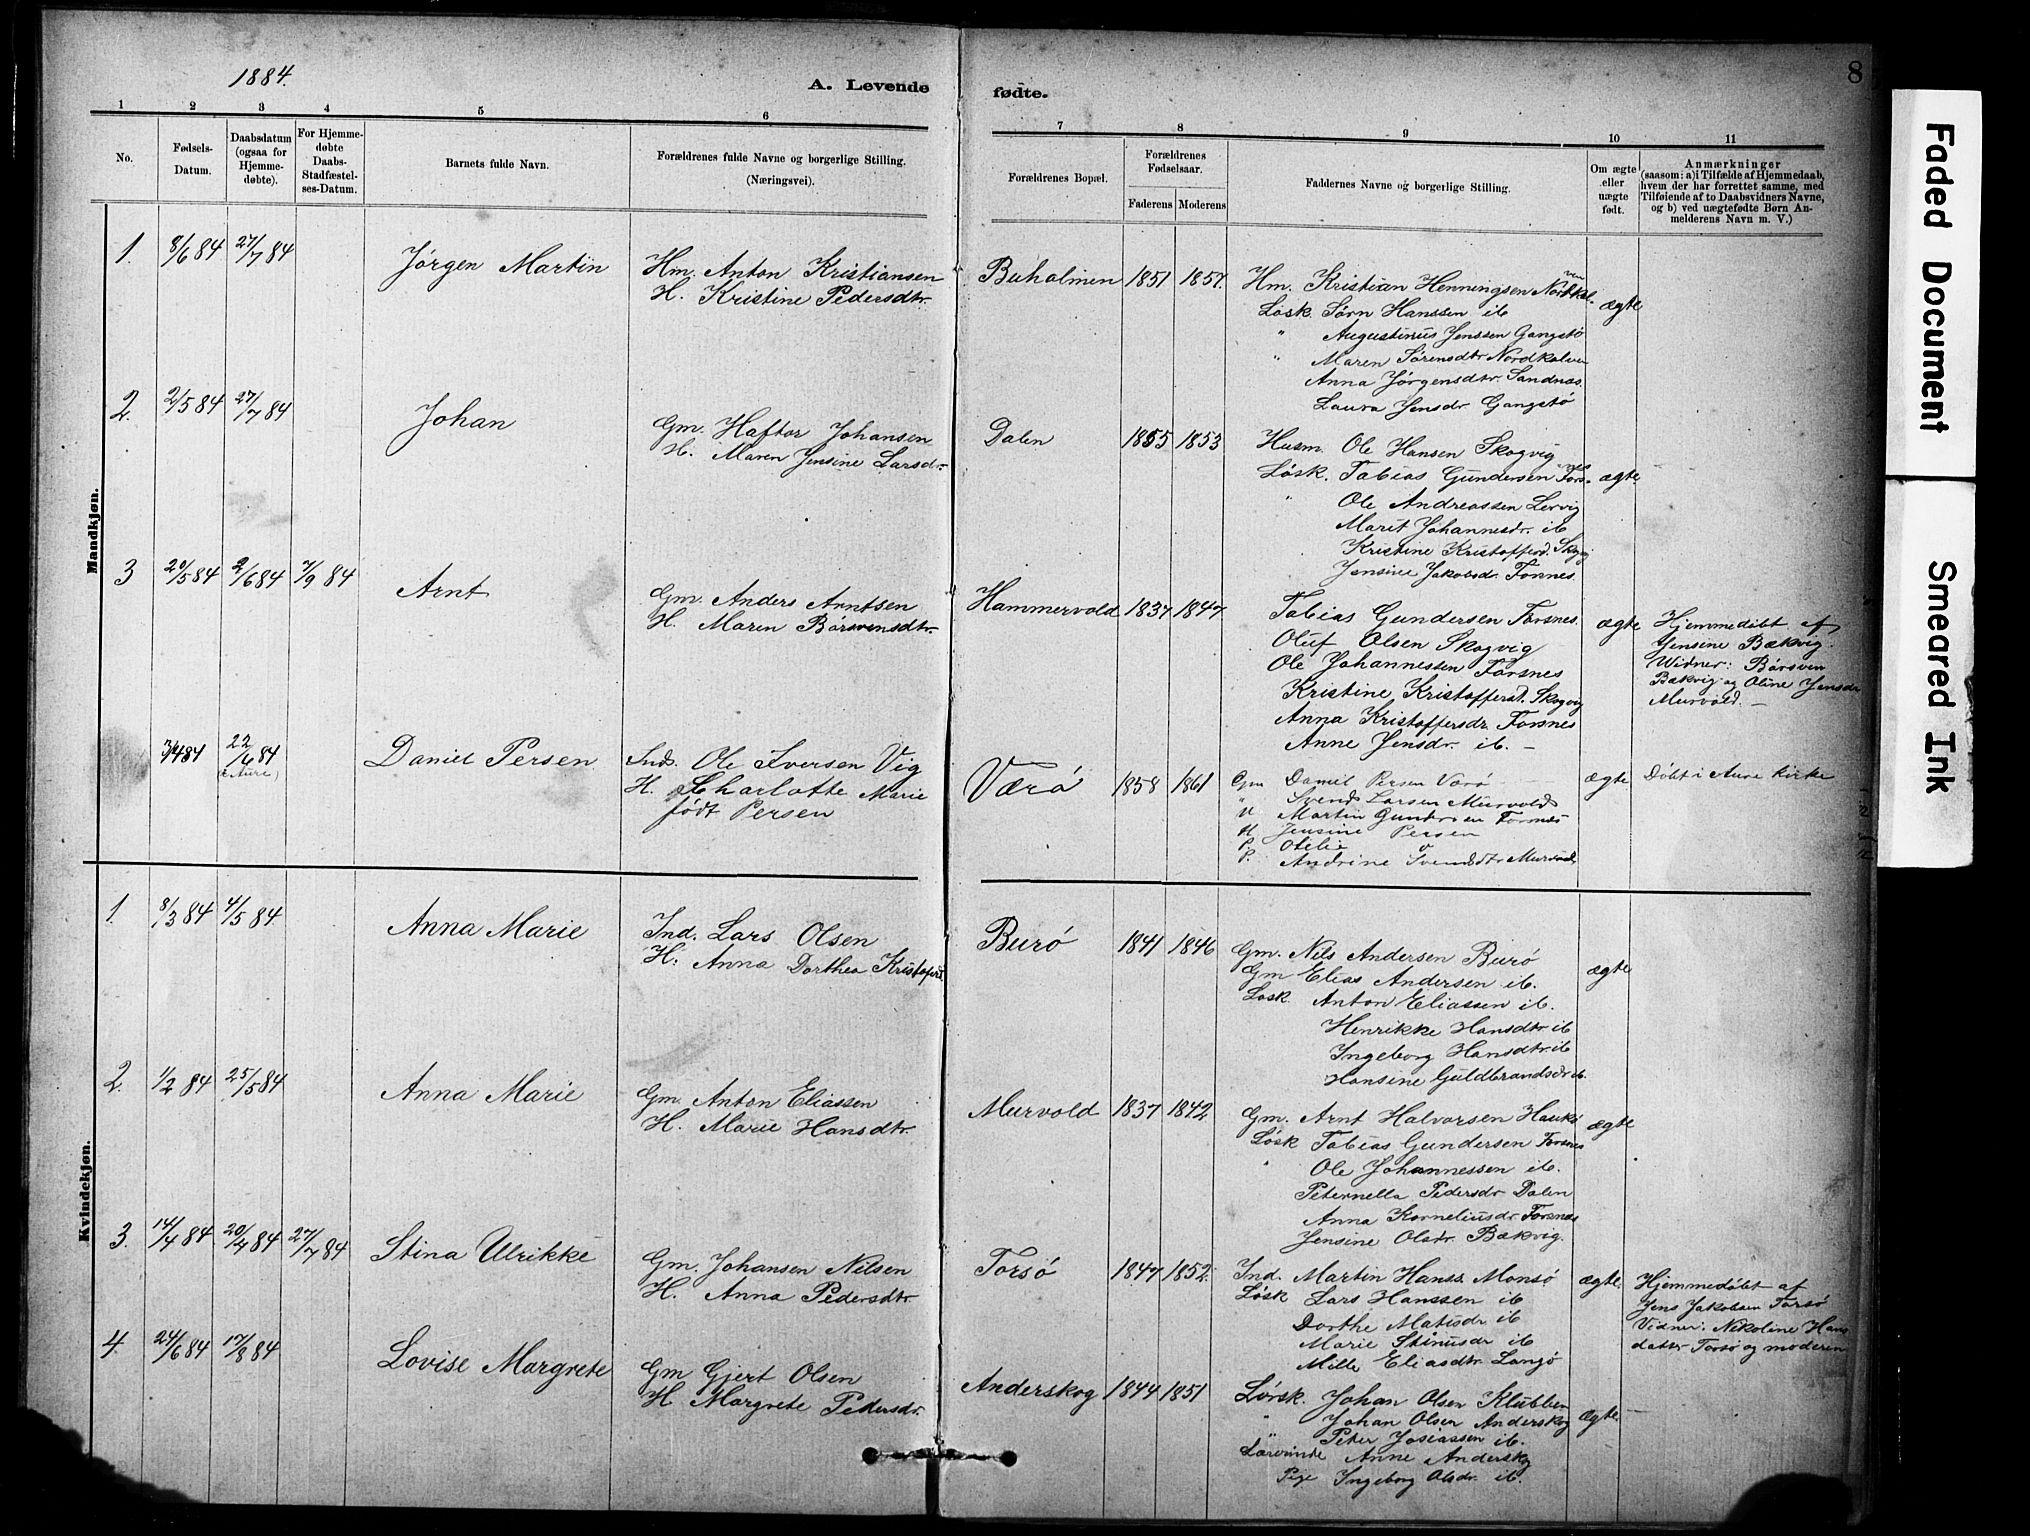 SAT, Ministerialprotokoller, klokkerbøker og fødselsregistre - Sør-Trøndelag, 635/L0551: Ministerialbok nr. 635A01, 1882-1899, s. 8